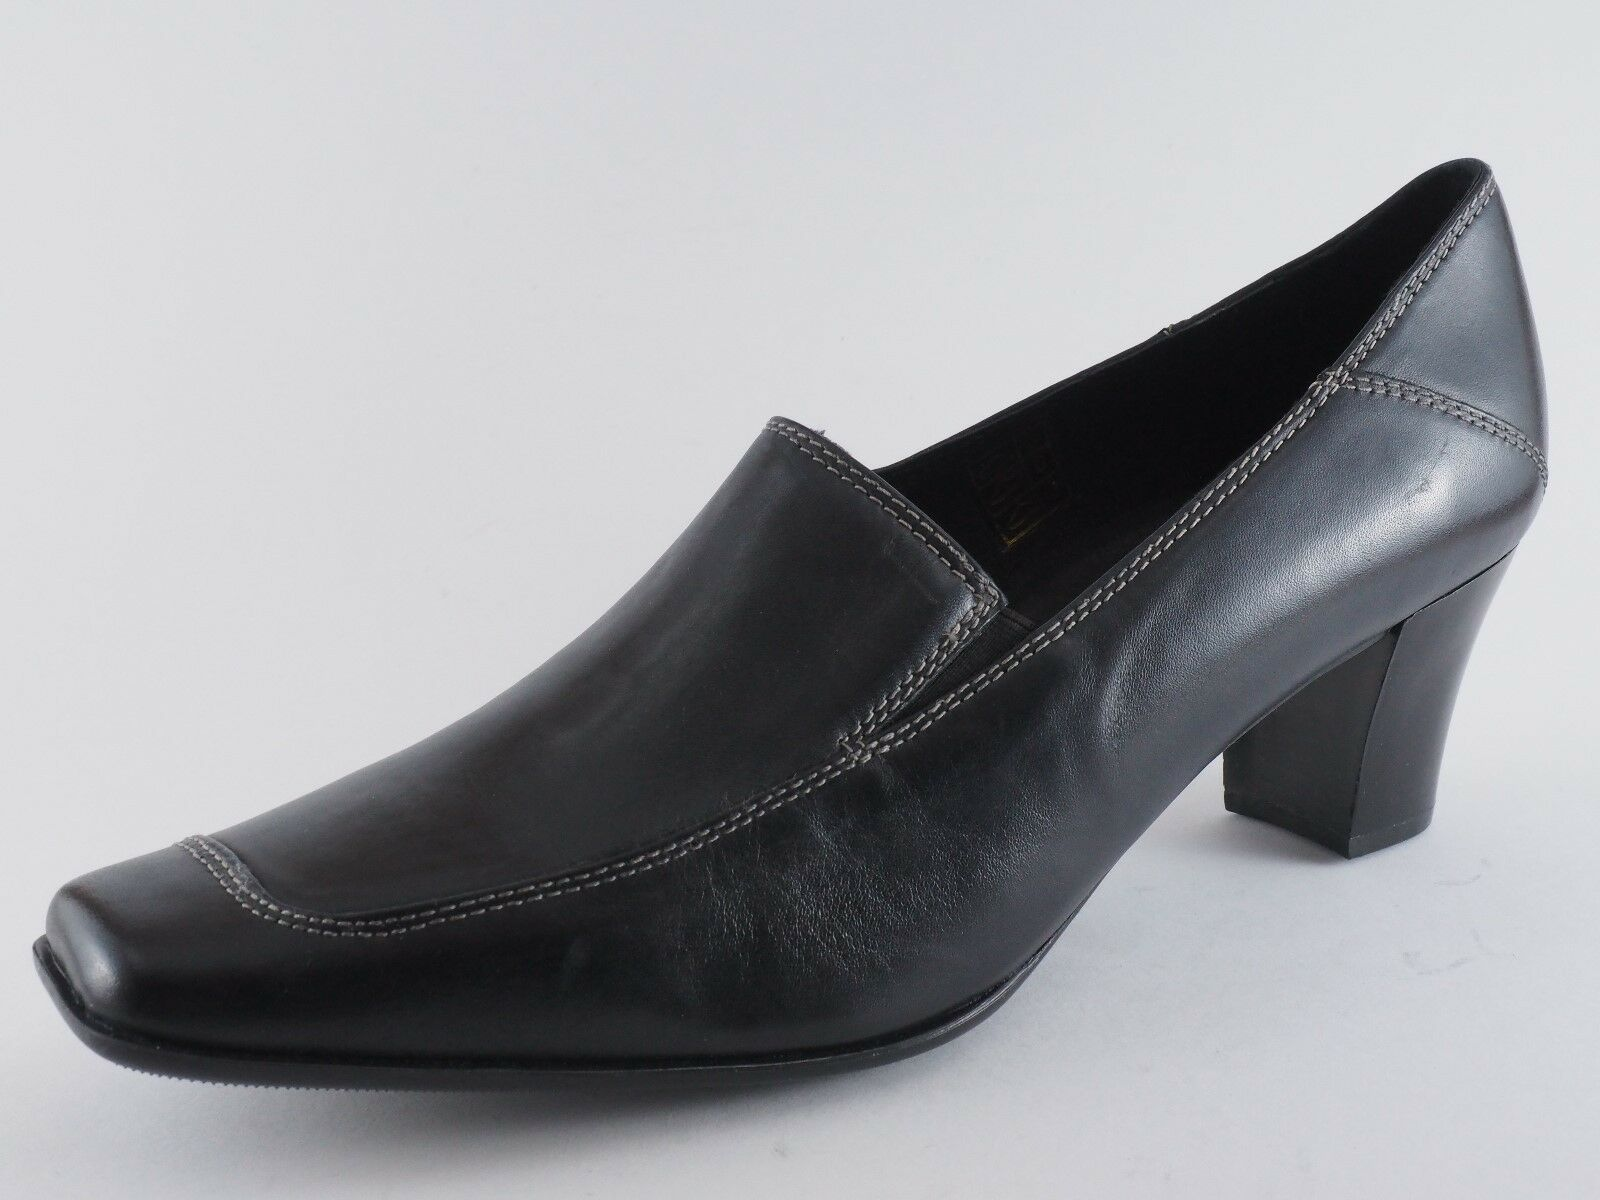 Piazza Damen Schuhe Schuhe Damen 42 Leder Blau Pumps NEU b7bb47